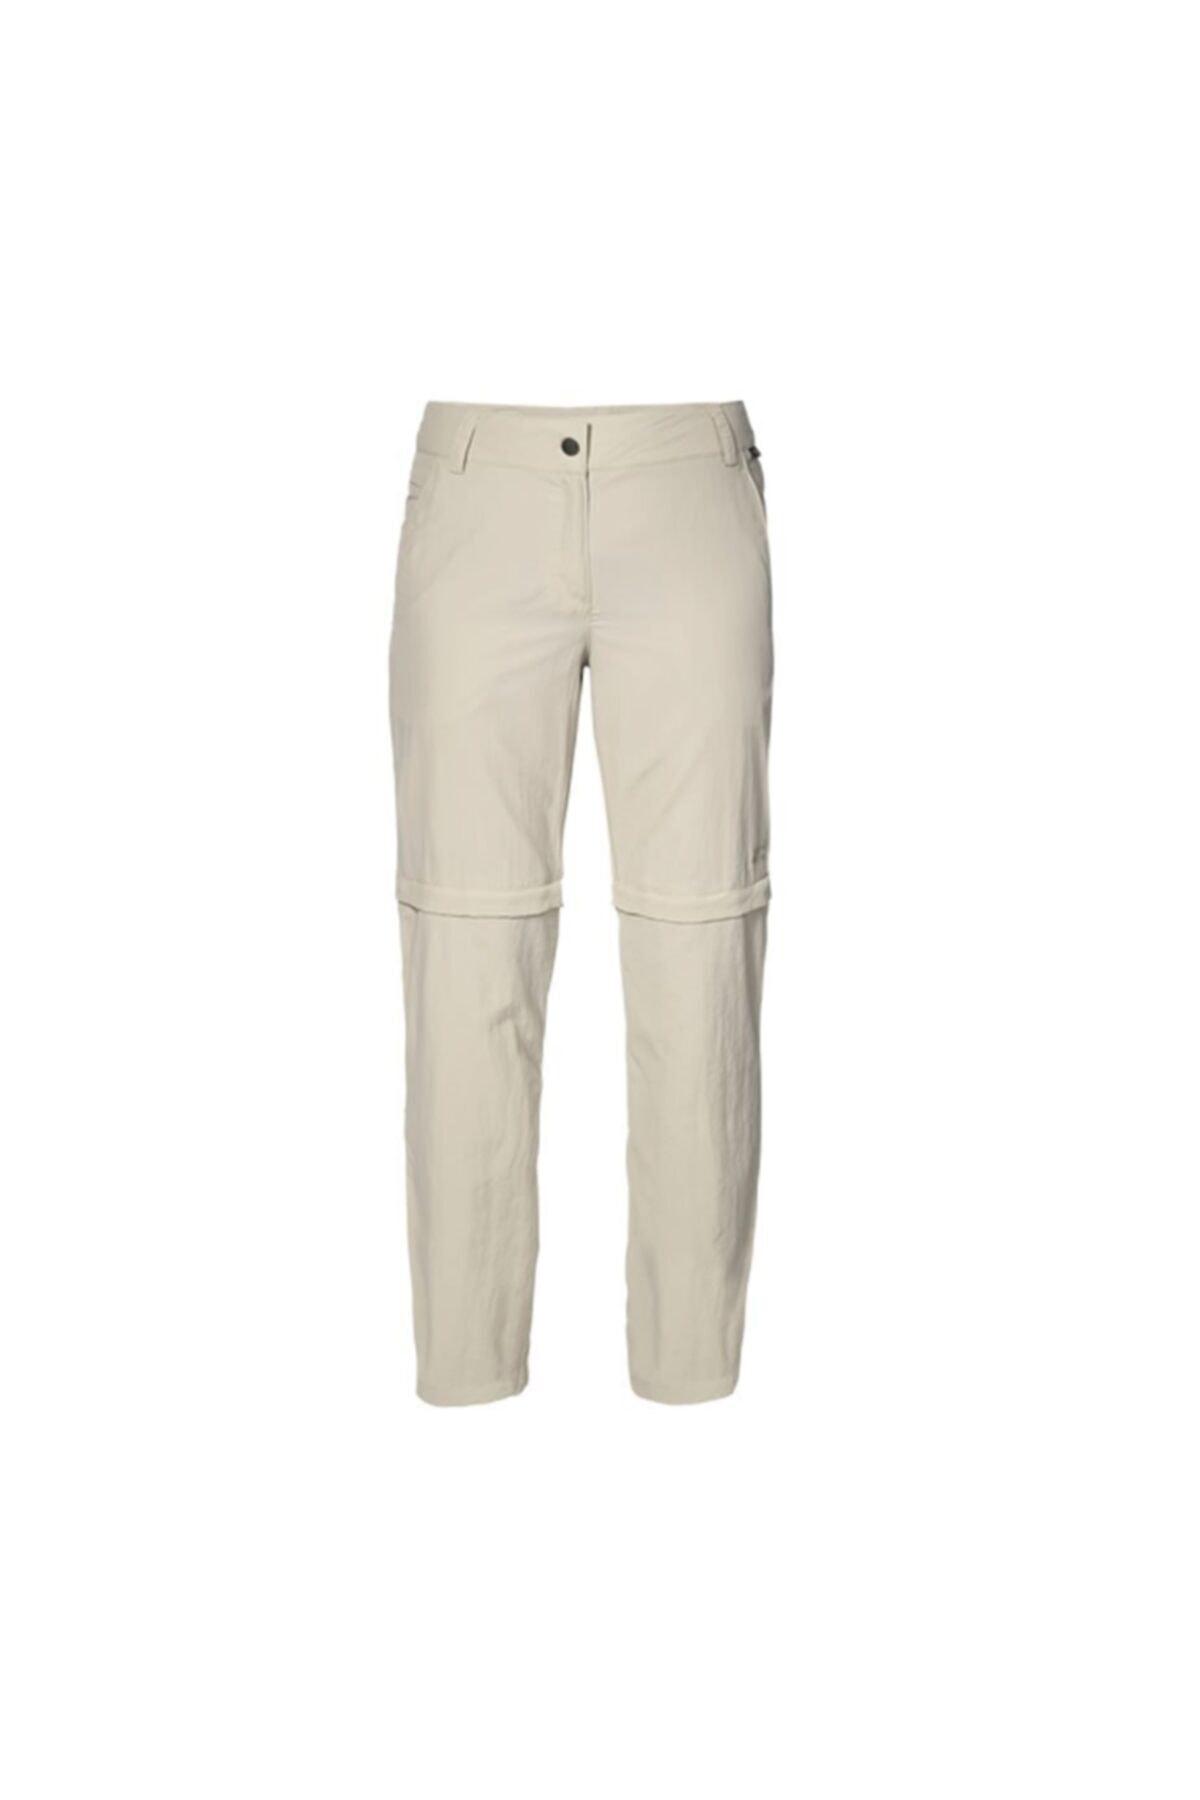 Jack Wolfskin Marrakech Zip Off Kadın Pantolon 2